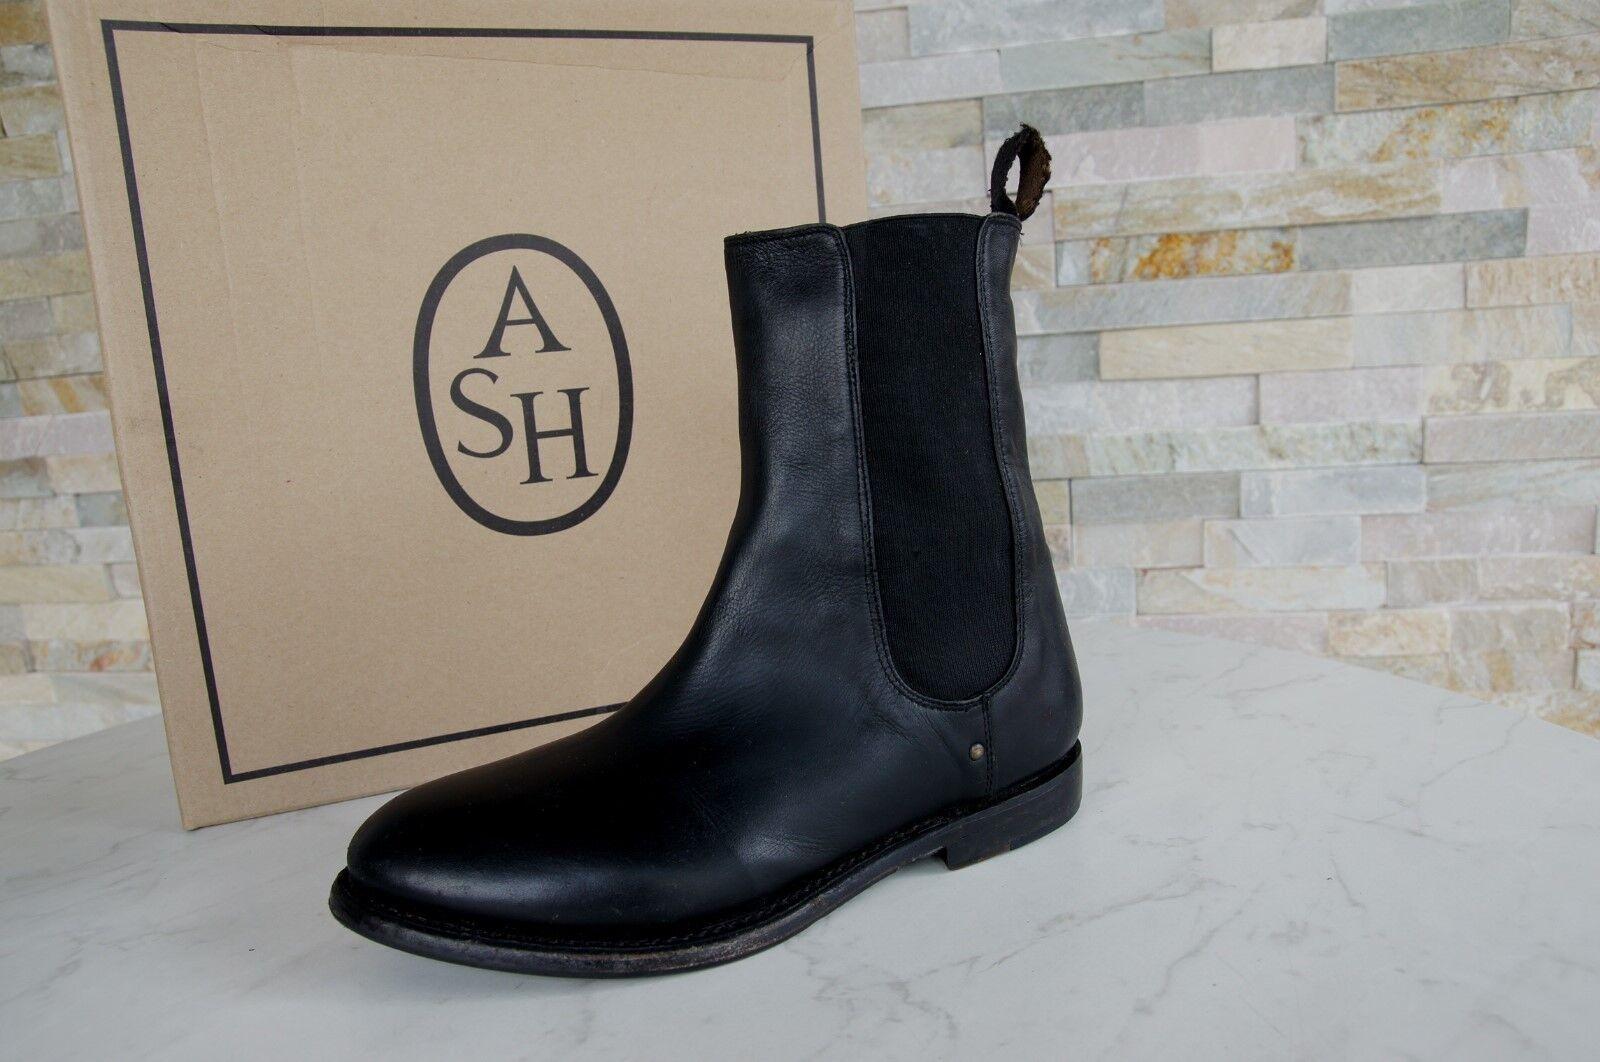 Ash T 38,5 Bottes Chaussures Bottines Vintage Patty Noir Nouveau Ancien Prix Recommandé